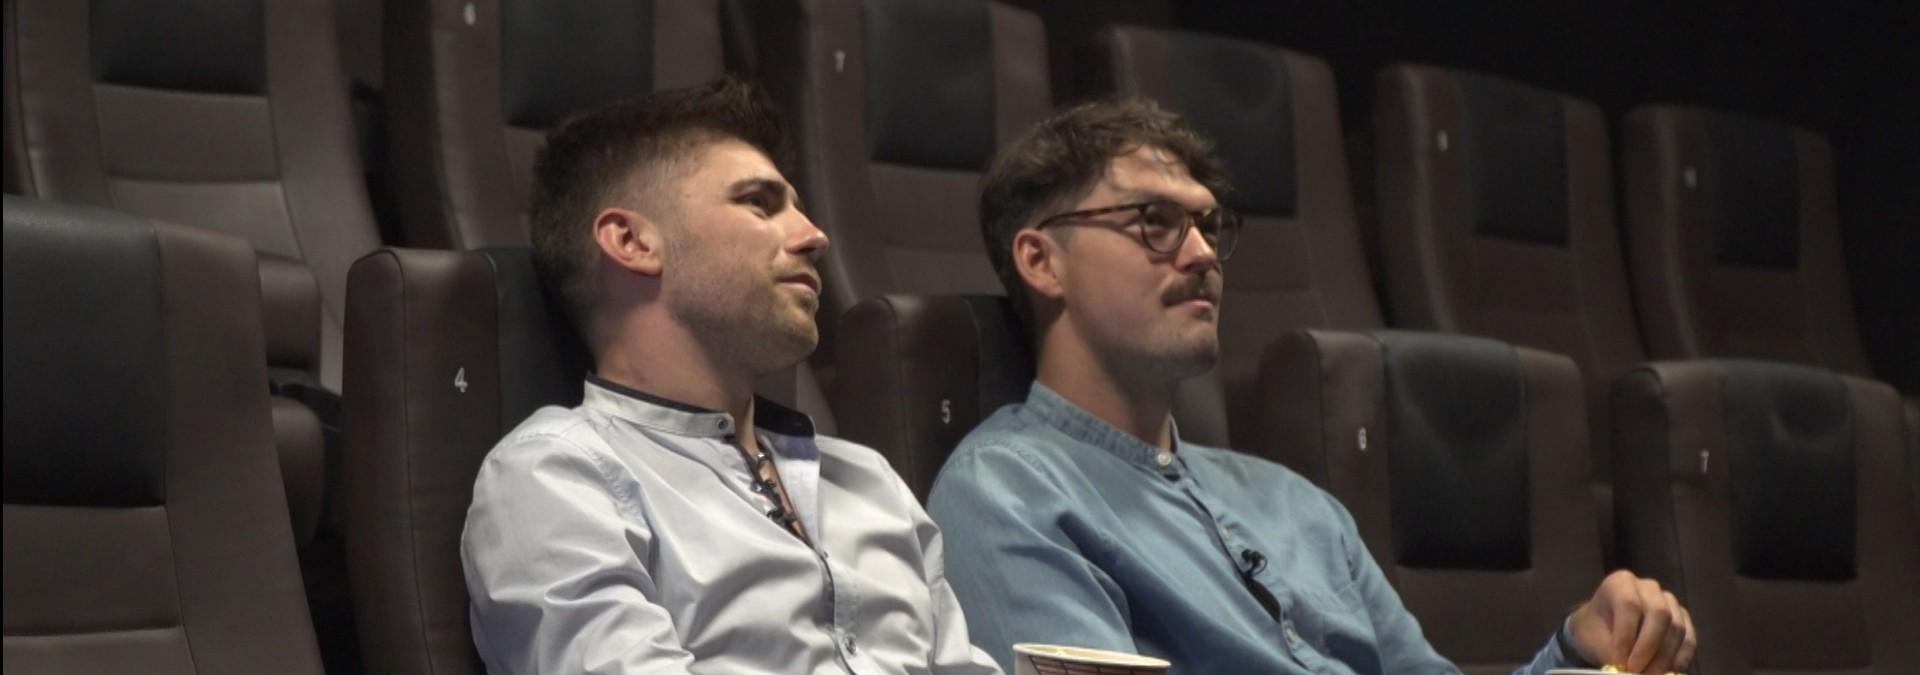 Kino-Fans aufgepasst: Am 1. Juli soll's wieder los gehen